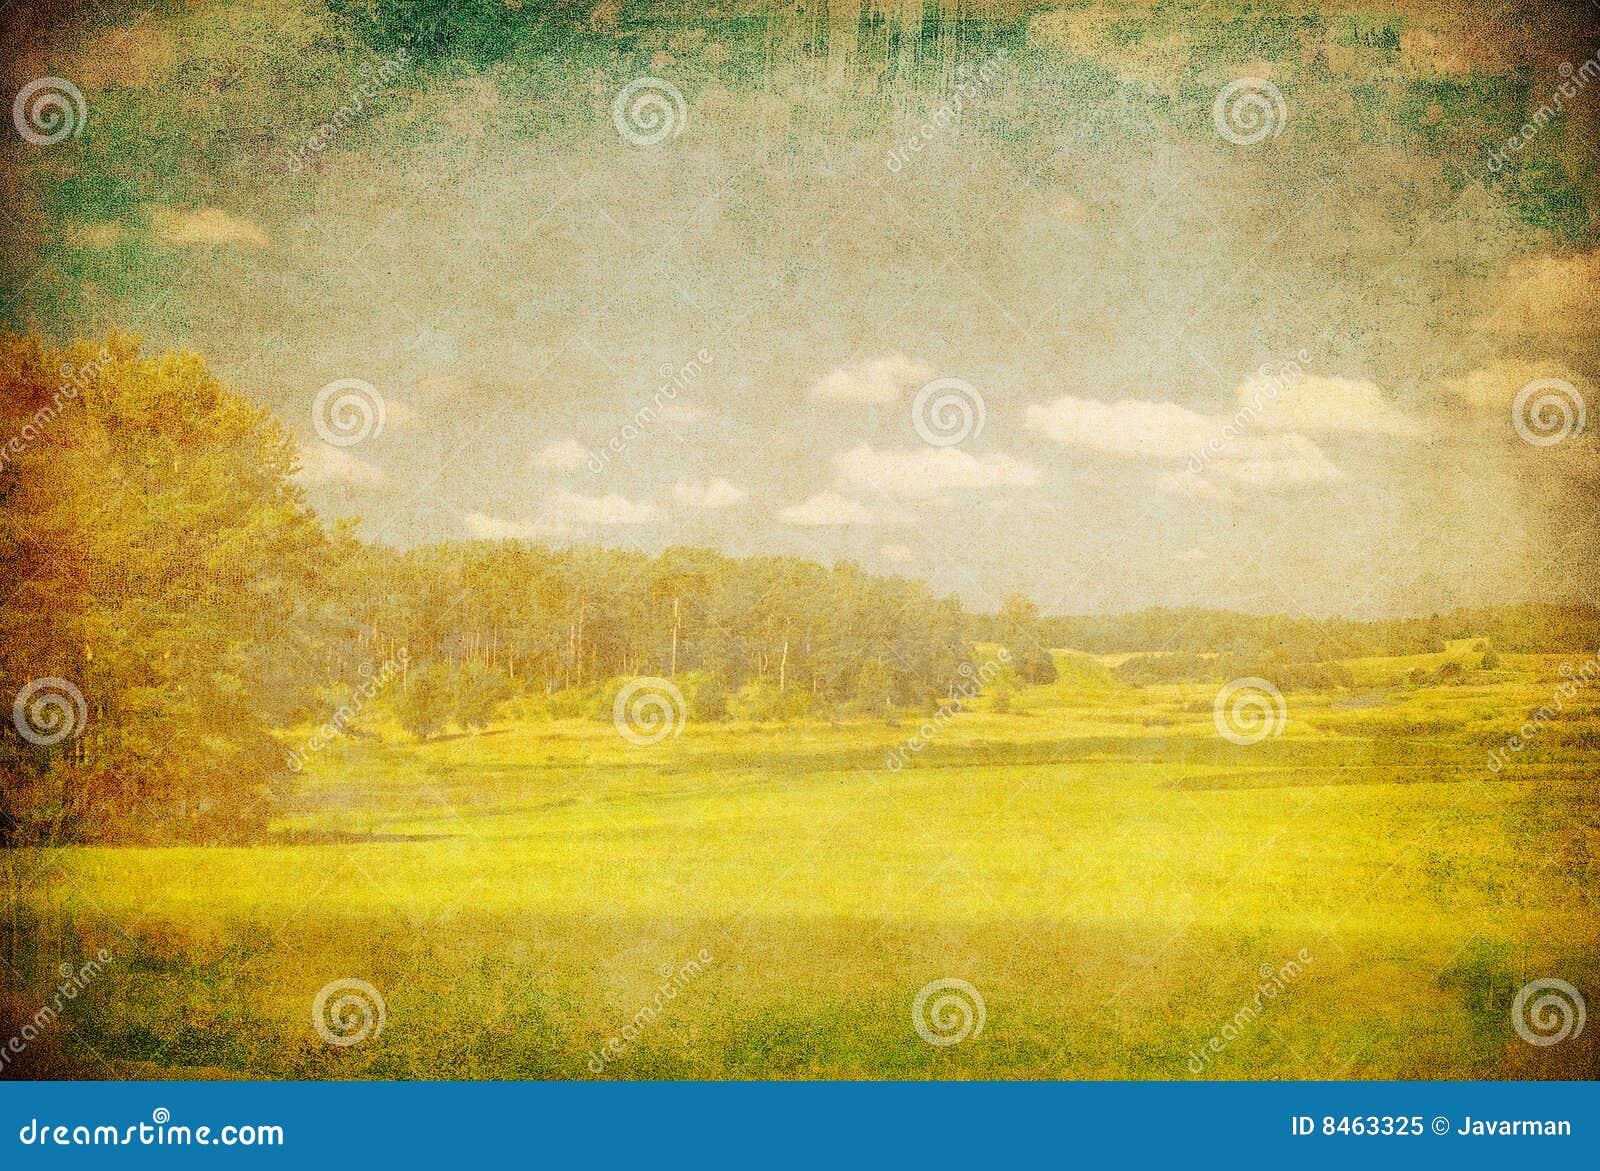 Grunge bild av det gröna fältet och den blåa skyen